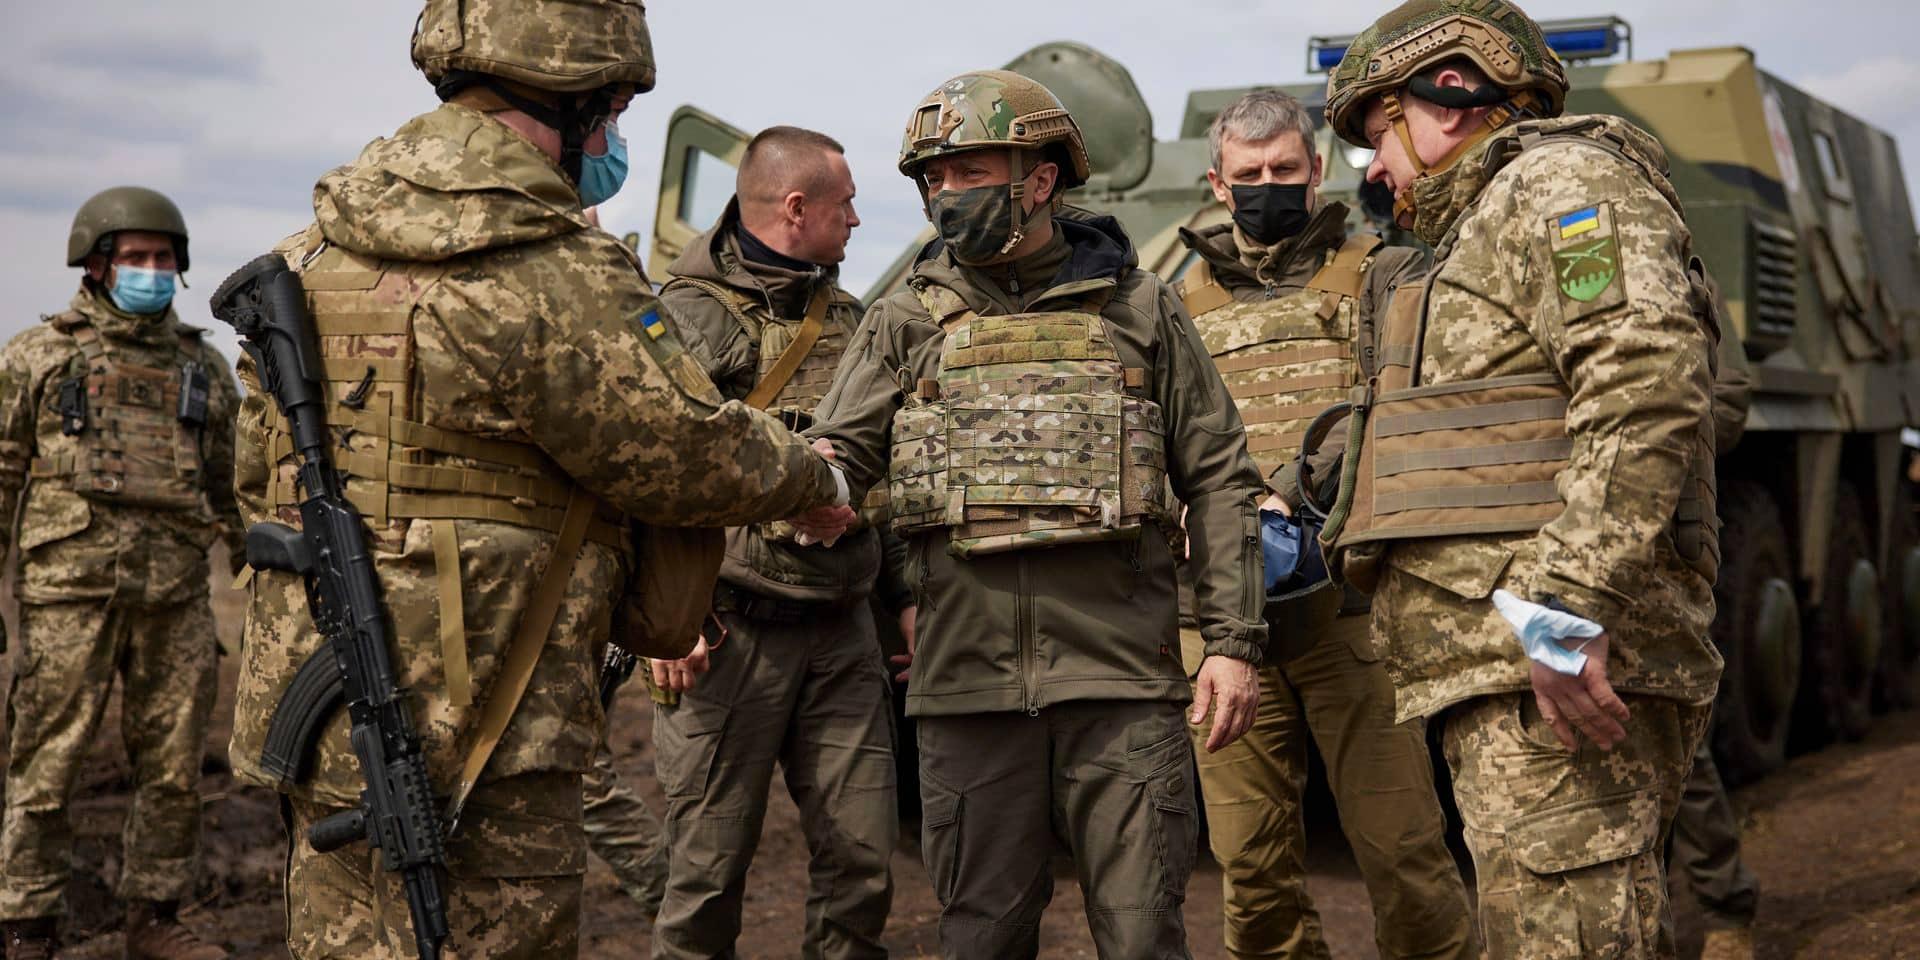 """L'Otan appelle la Russie à retirer ses troupes massées à la frontière ukrainienne : """"Elle doit cesser toute escalade immédiatement"""""""